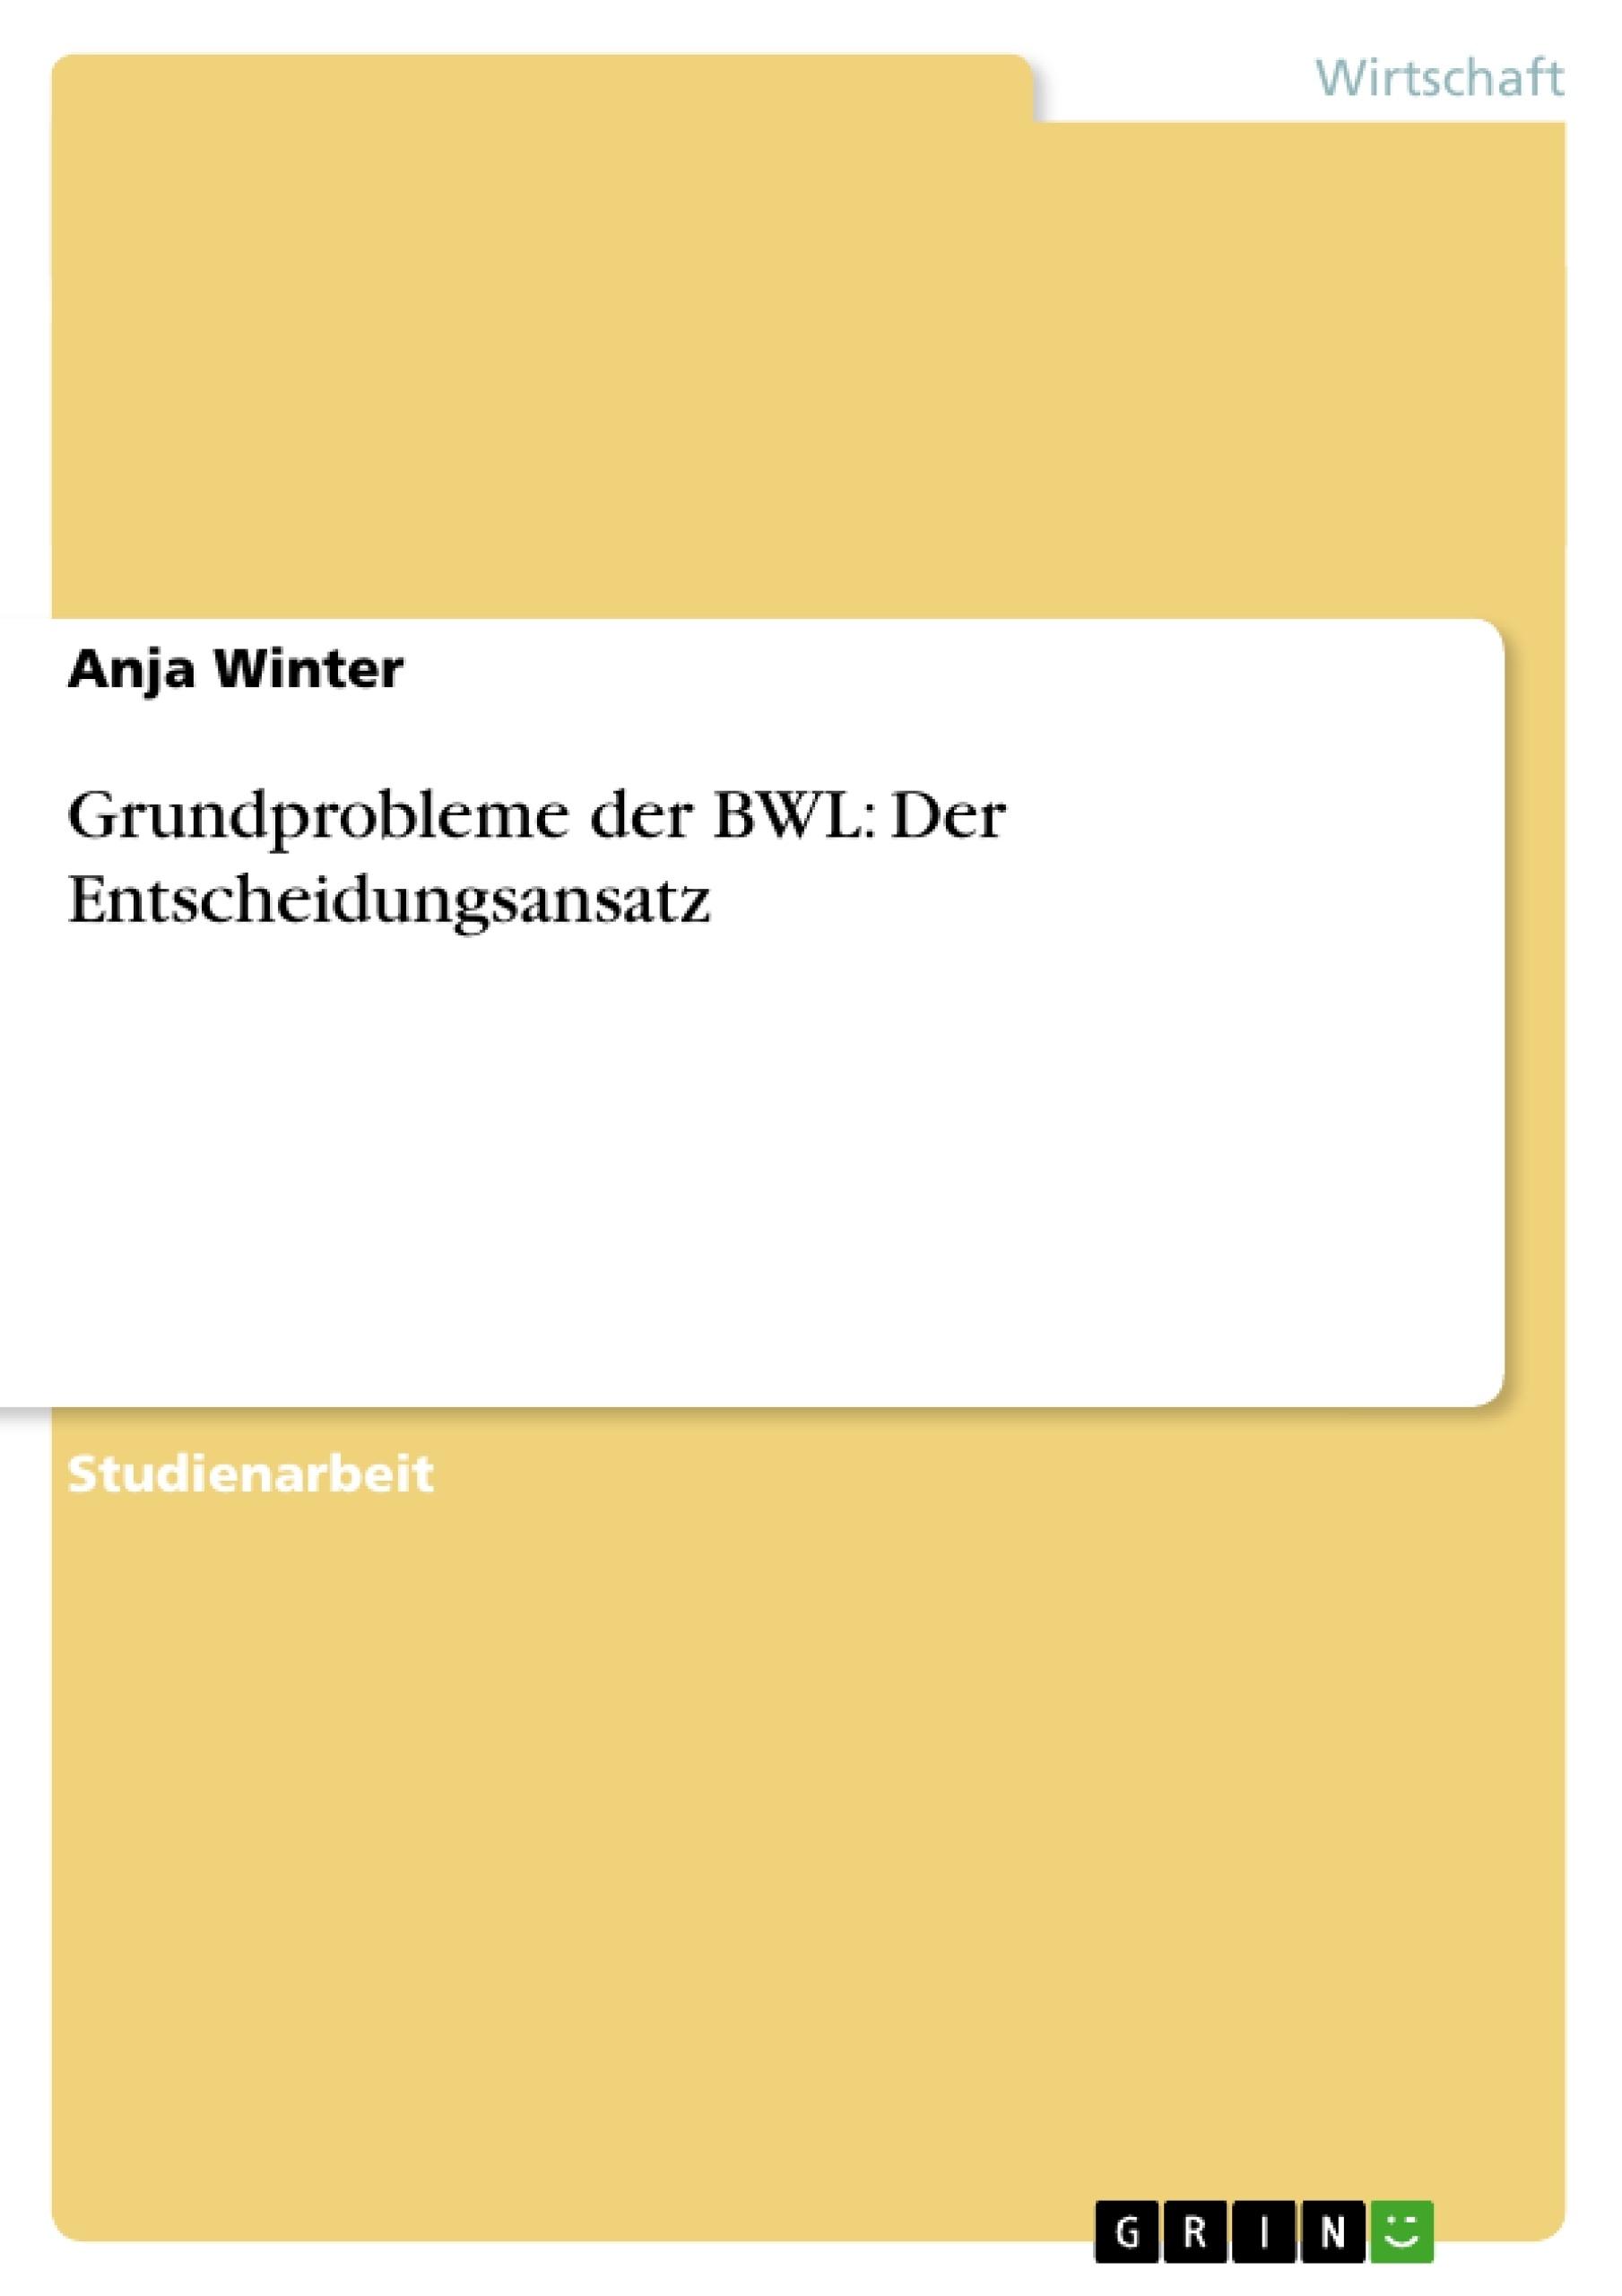 Titel: Grundprobleme der BWL: Der Entscheidungsansatz